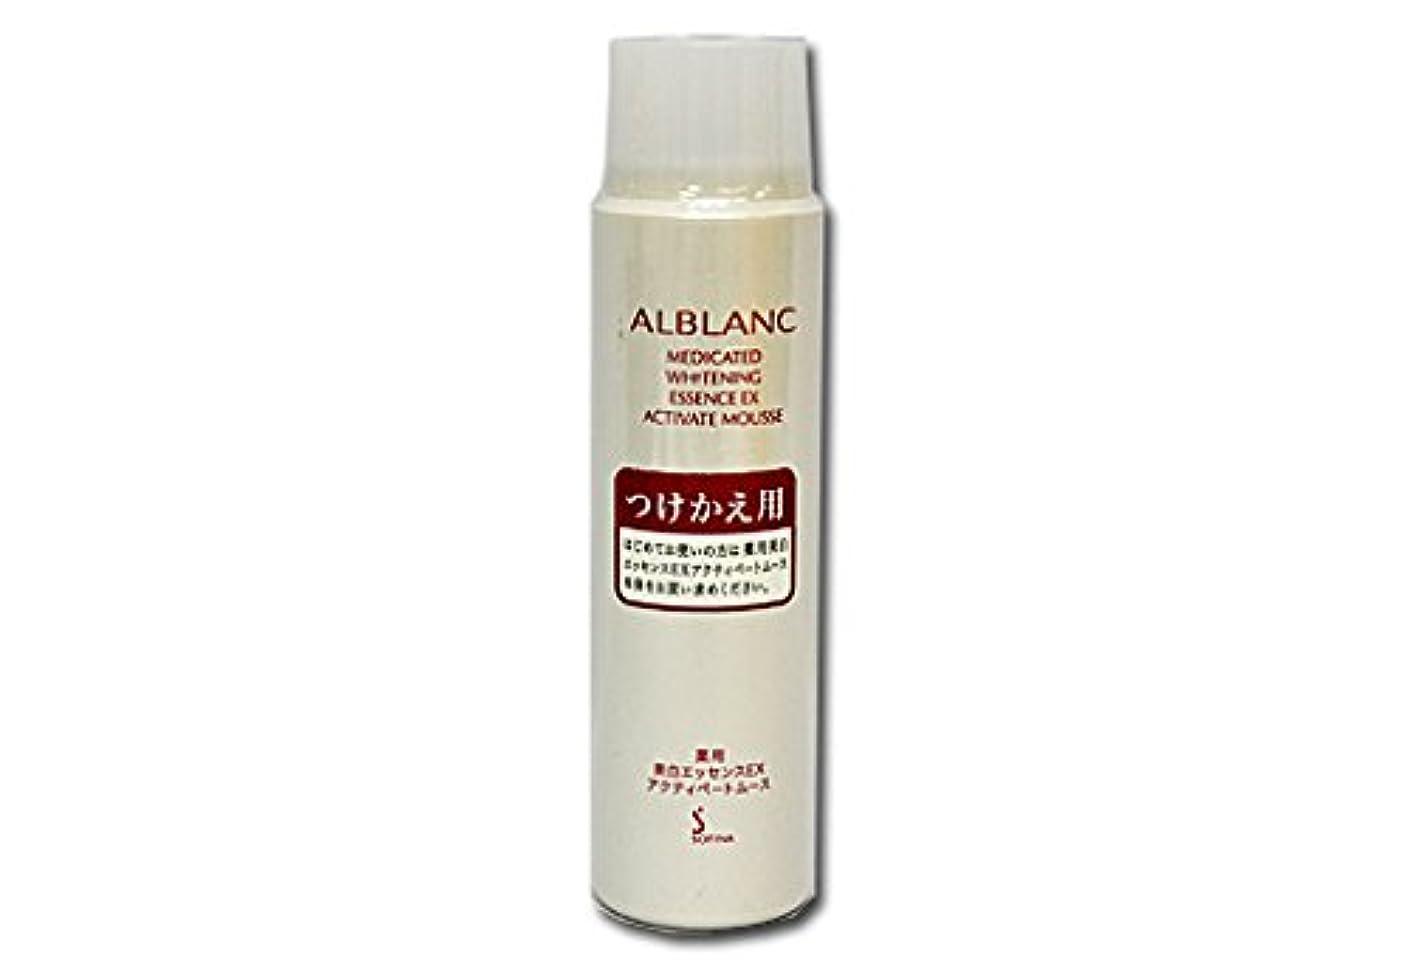 乏しいが欲しい出します花王 ソフィーナ アルブラン 薬用美白エッセンスEX アクティベートムース レフィル 90g